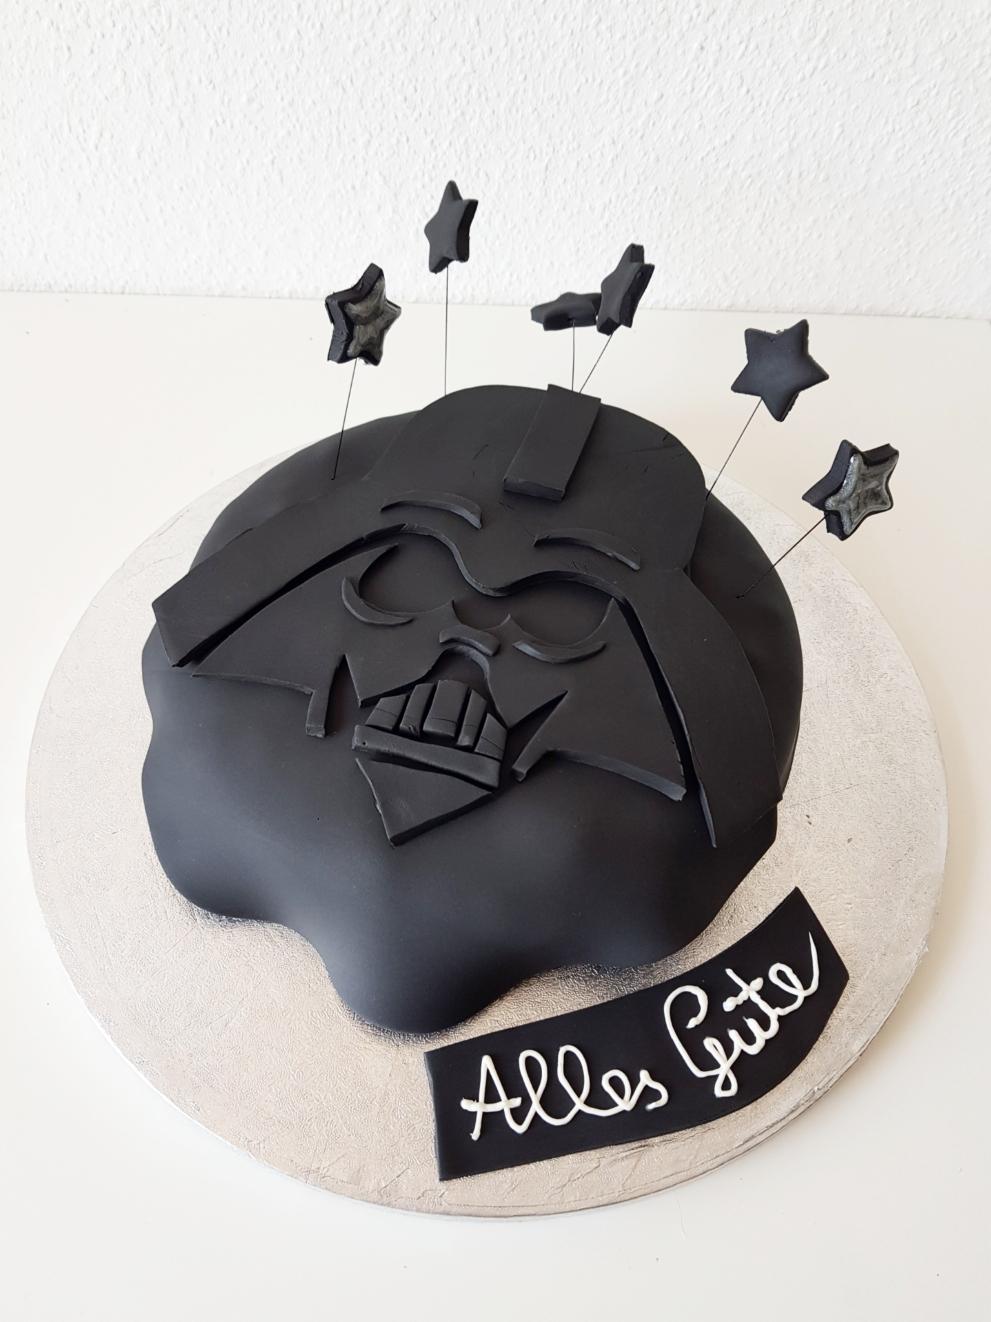 Starwars Torte zum Geburtstag